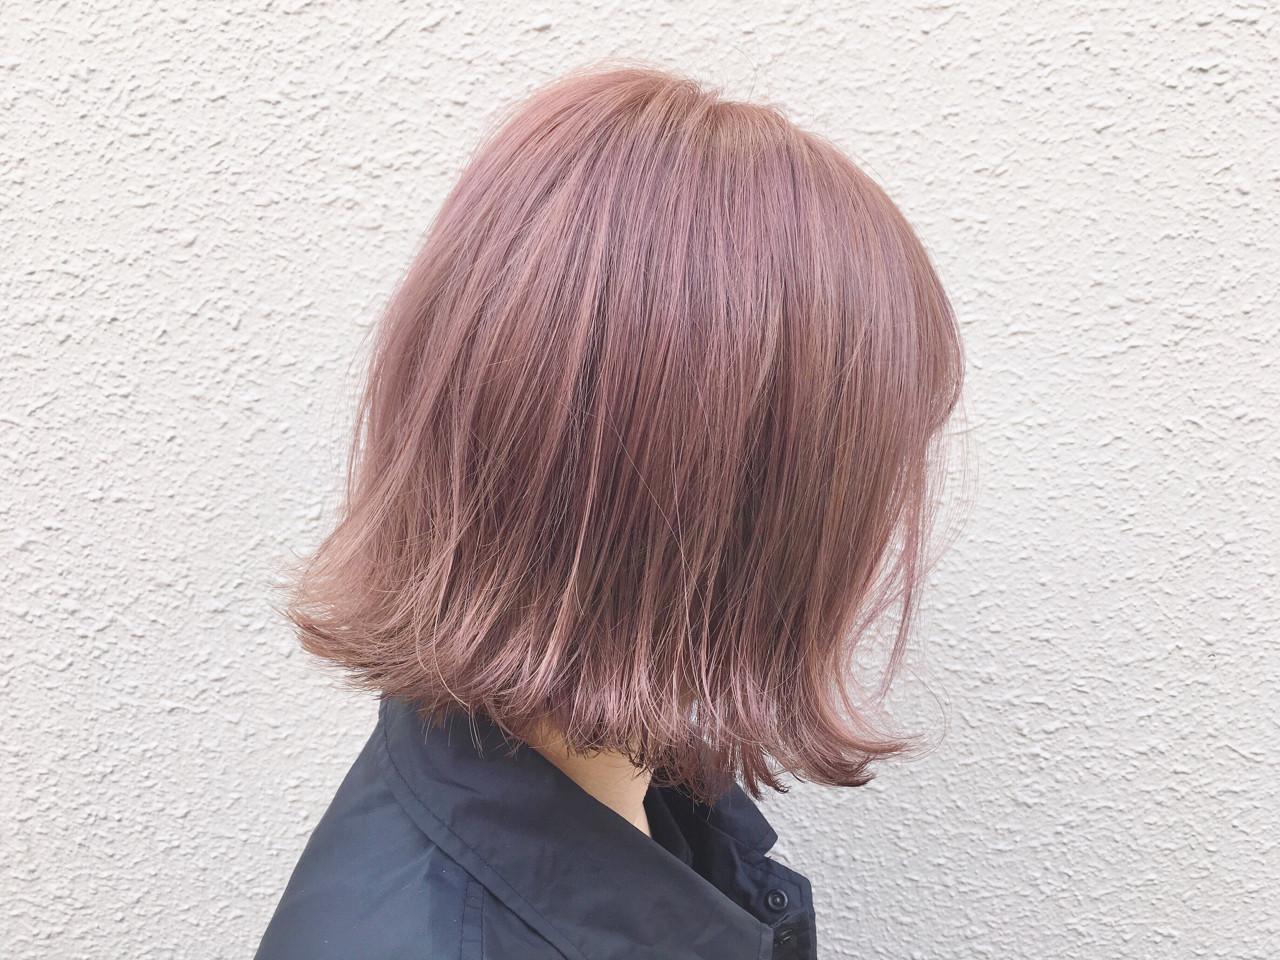 ボブ ピンク ピンクアッシュ 外国人風カラー ヘアスタイルや髪型の写真・画像